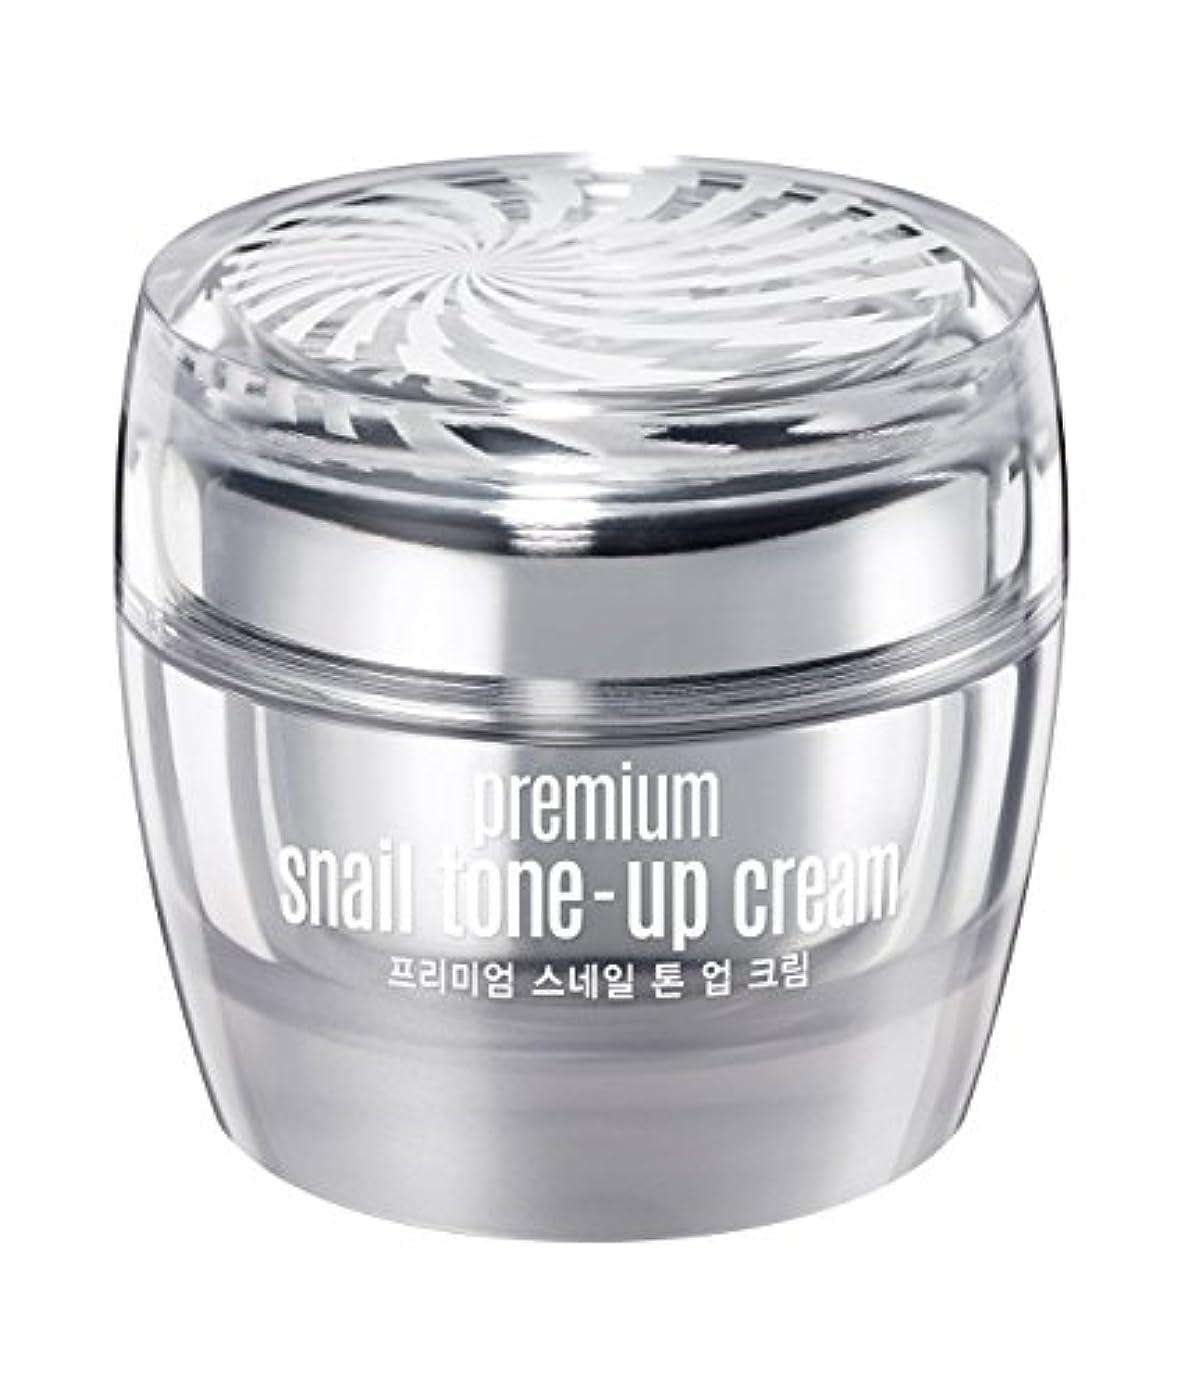 傾斜飢えた続編Goodal Premium Snail Tone Up Whitening Cream 50ml プレミアムカタツムリトーンアップクリーム